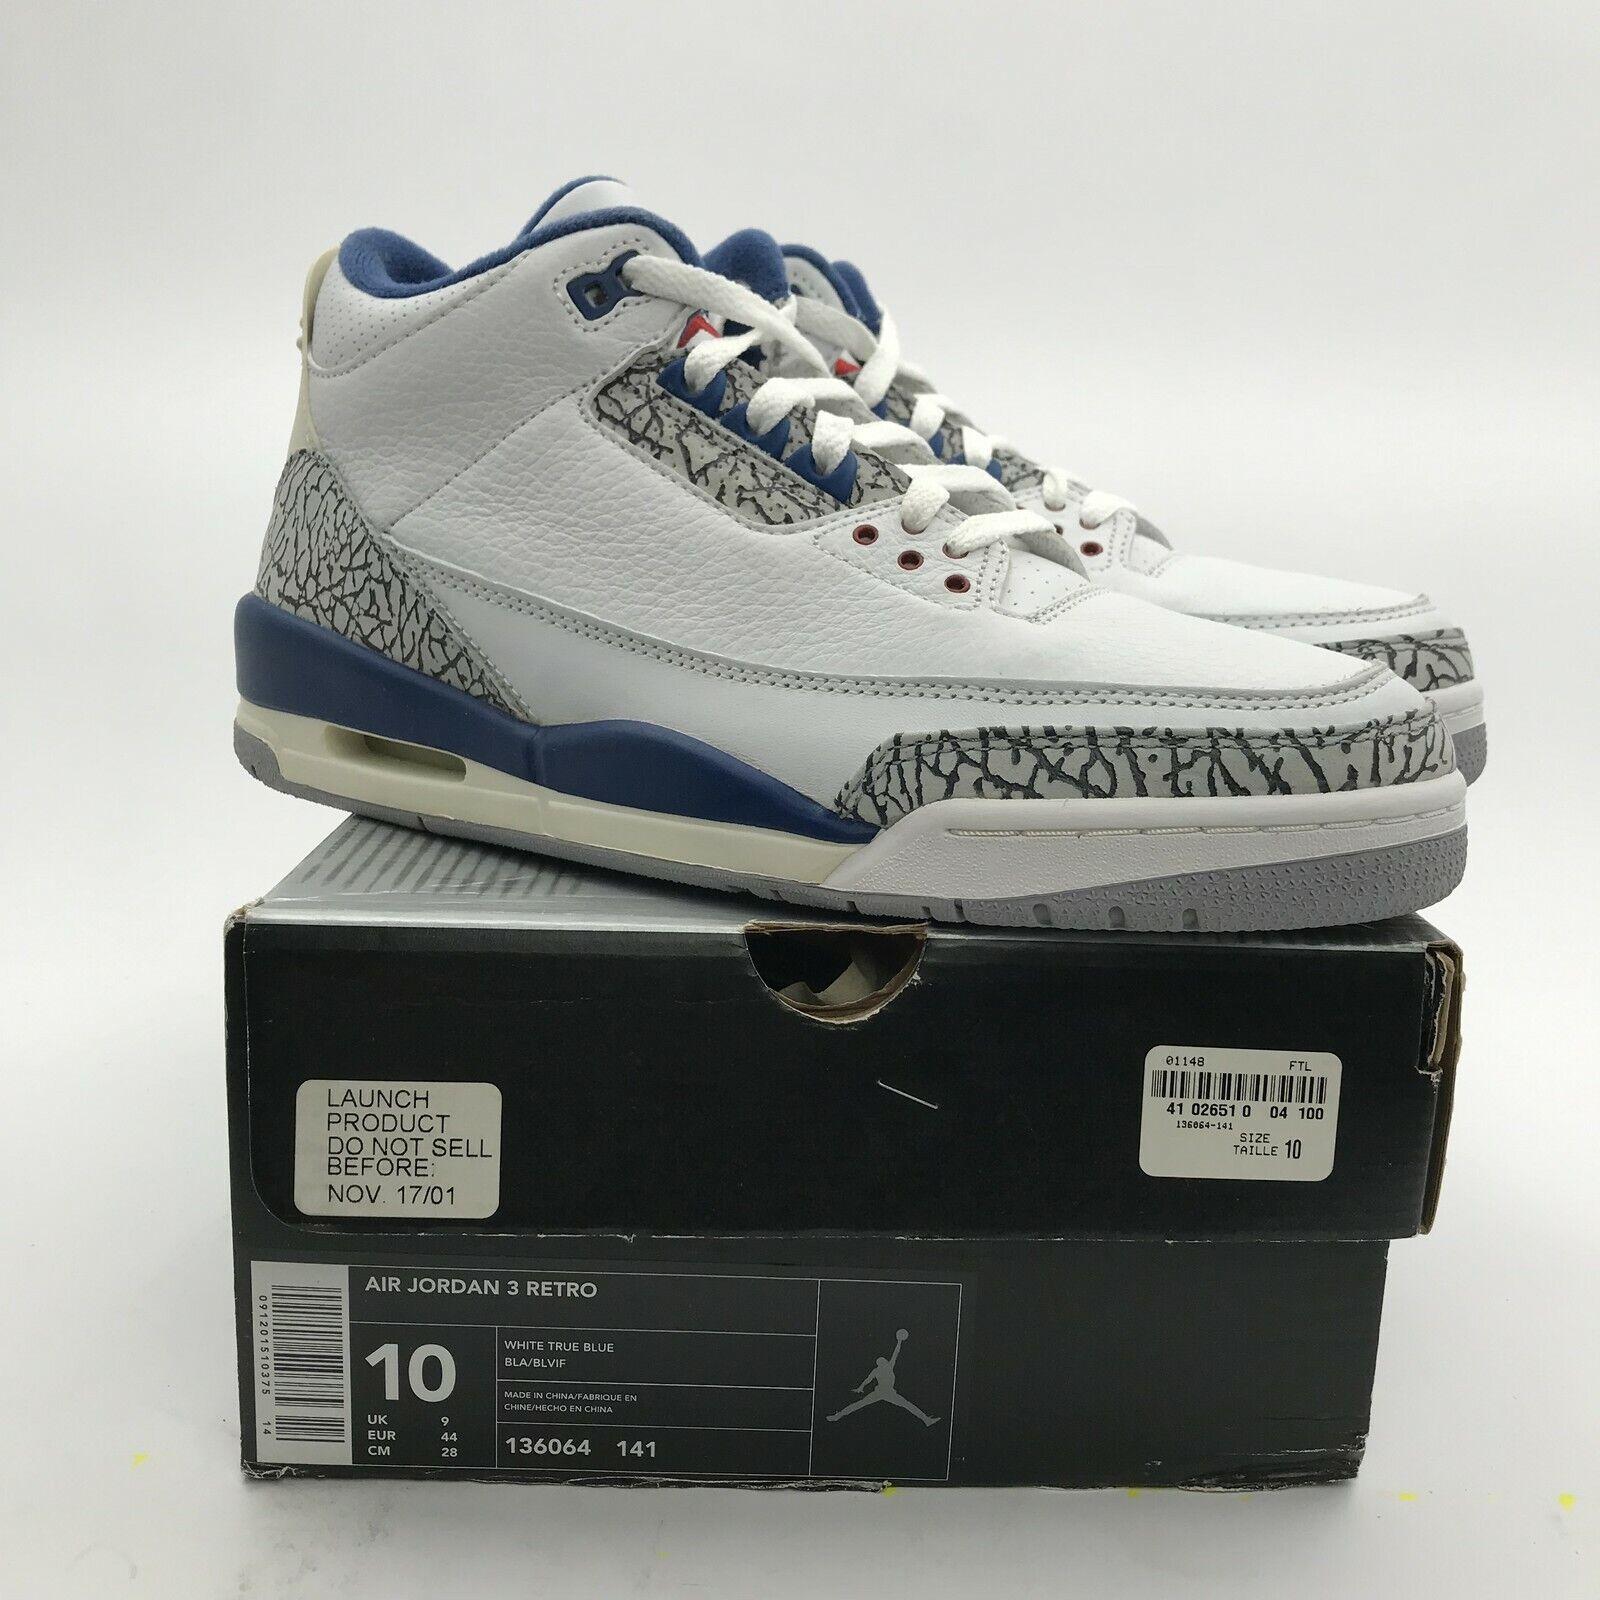 2001 Nike Air Jordan III 3 OG Retro White True bluee 136064-141 NEW New US 10